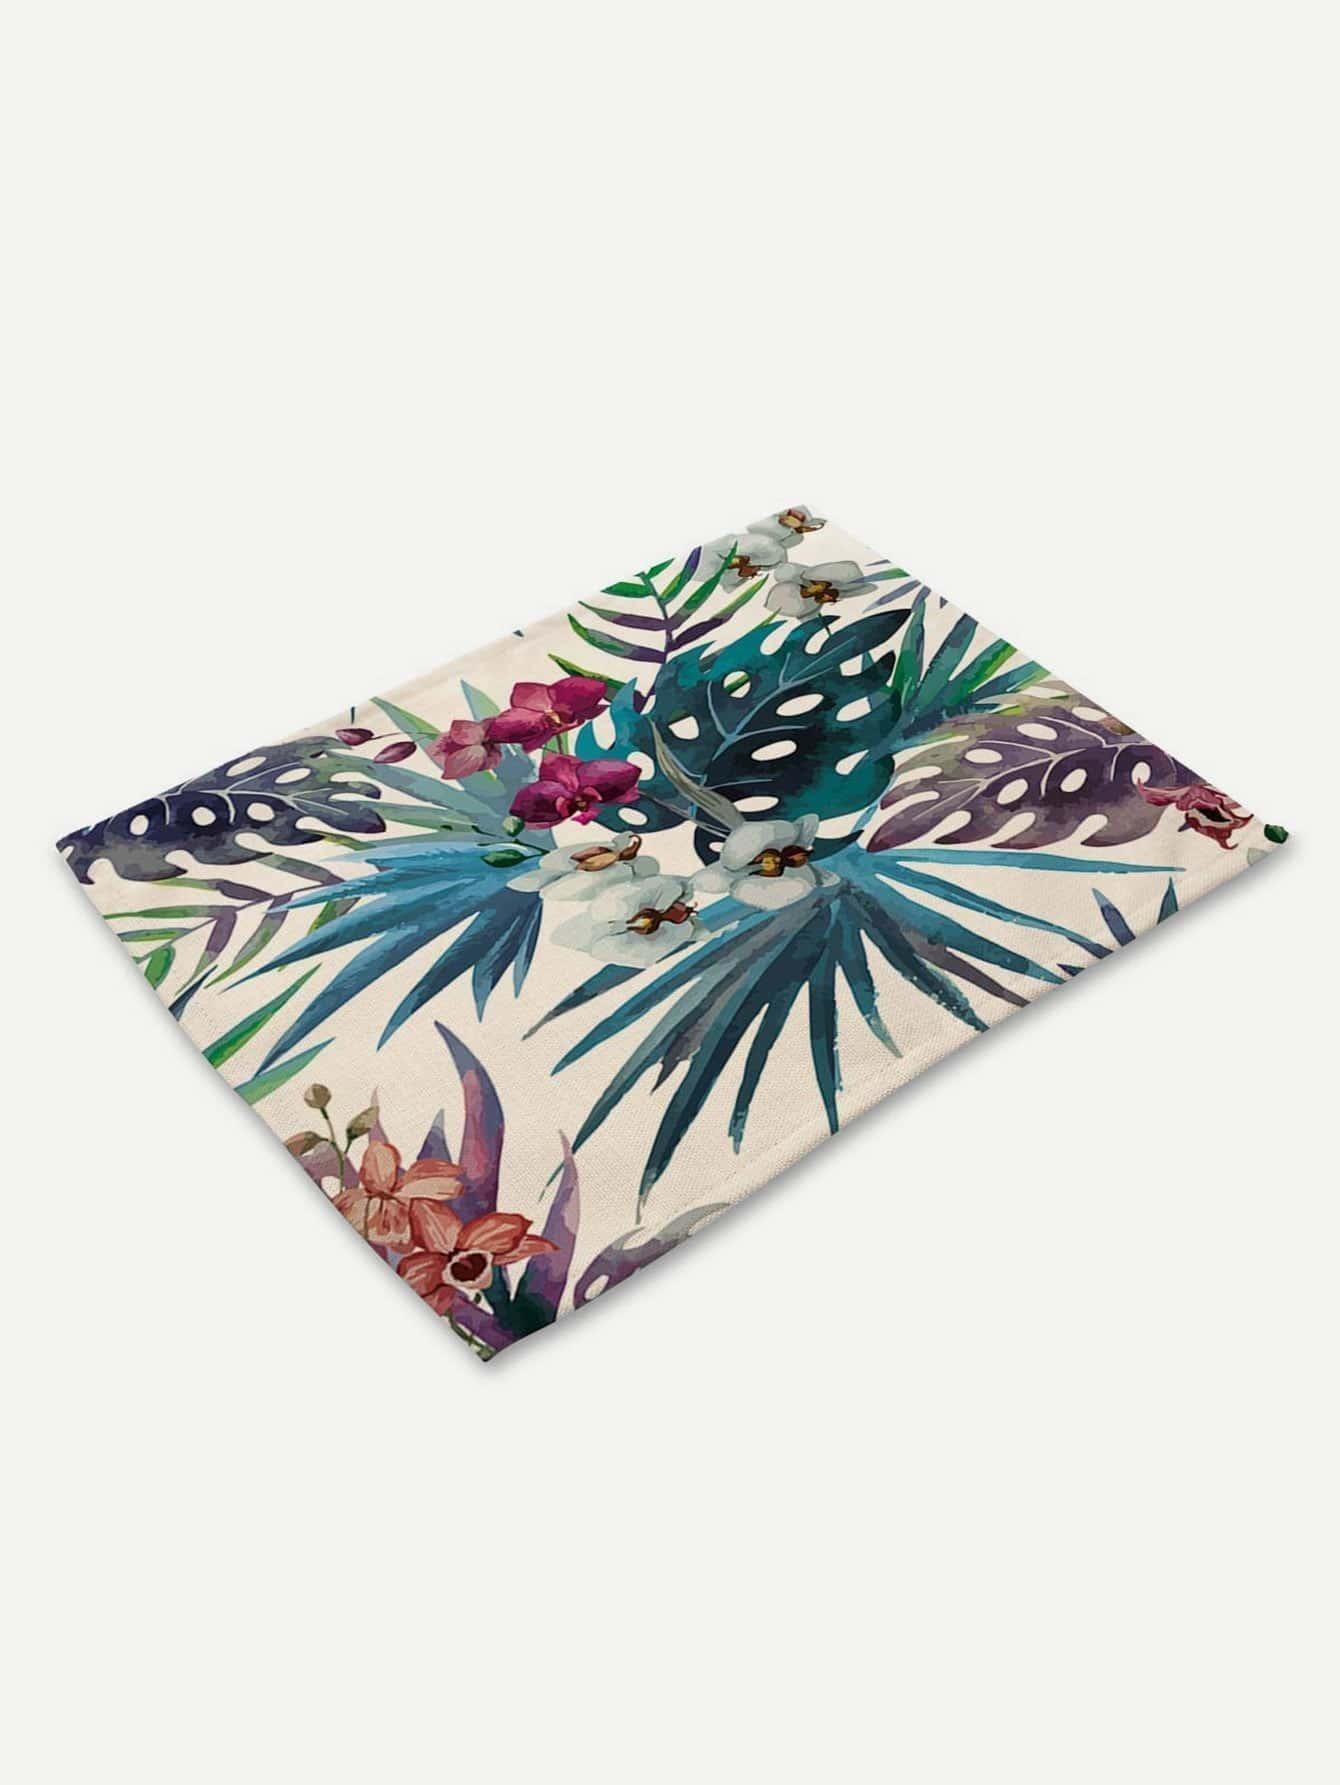 Tropical plant Print Placemat palm print placemat